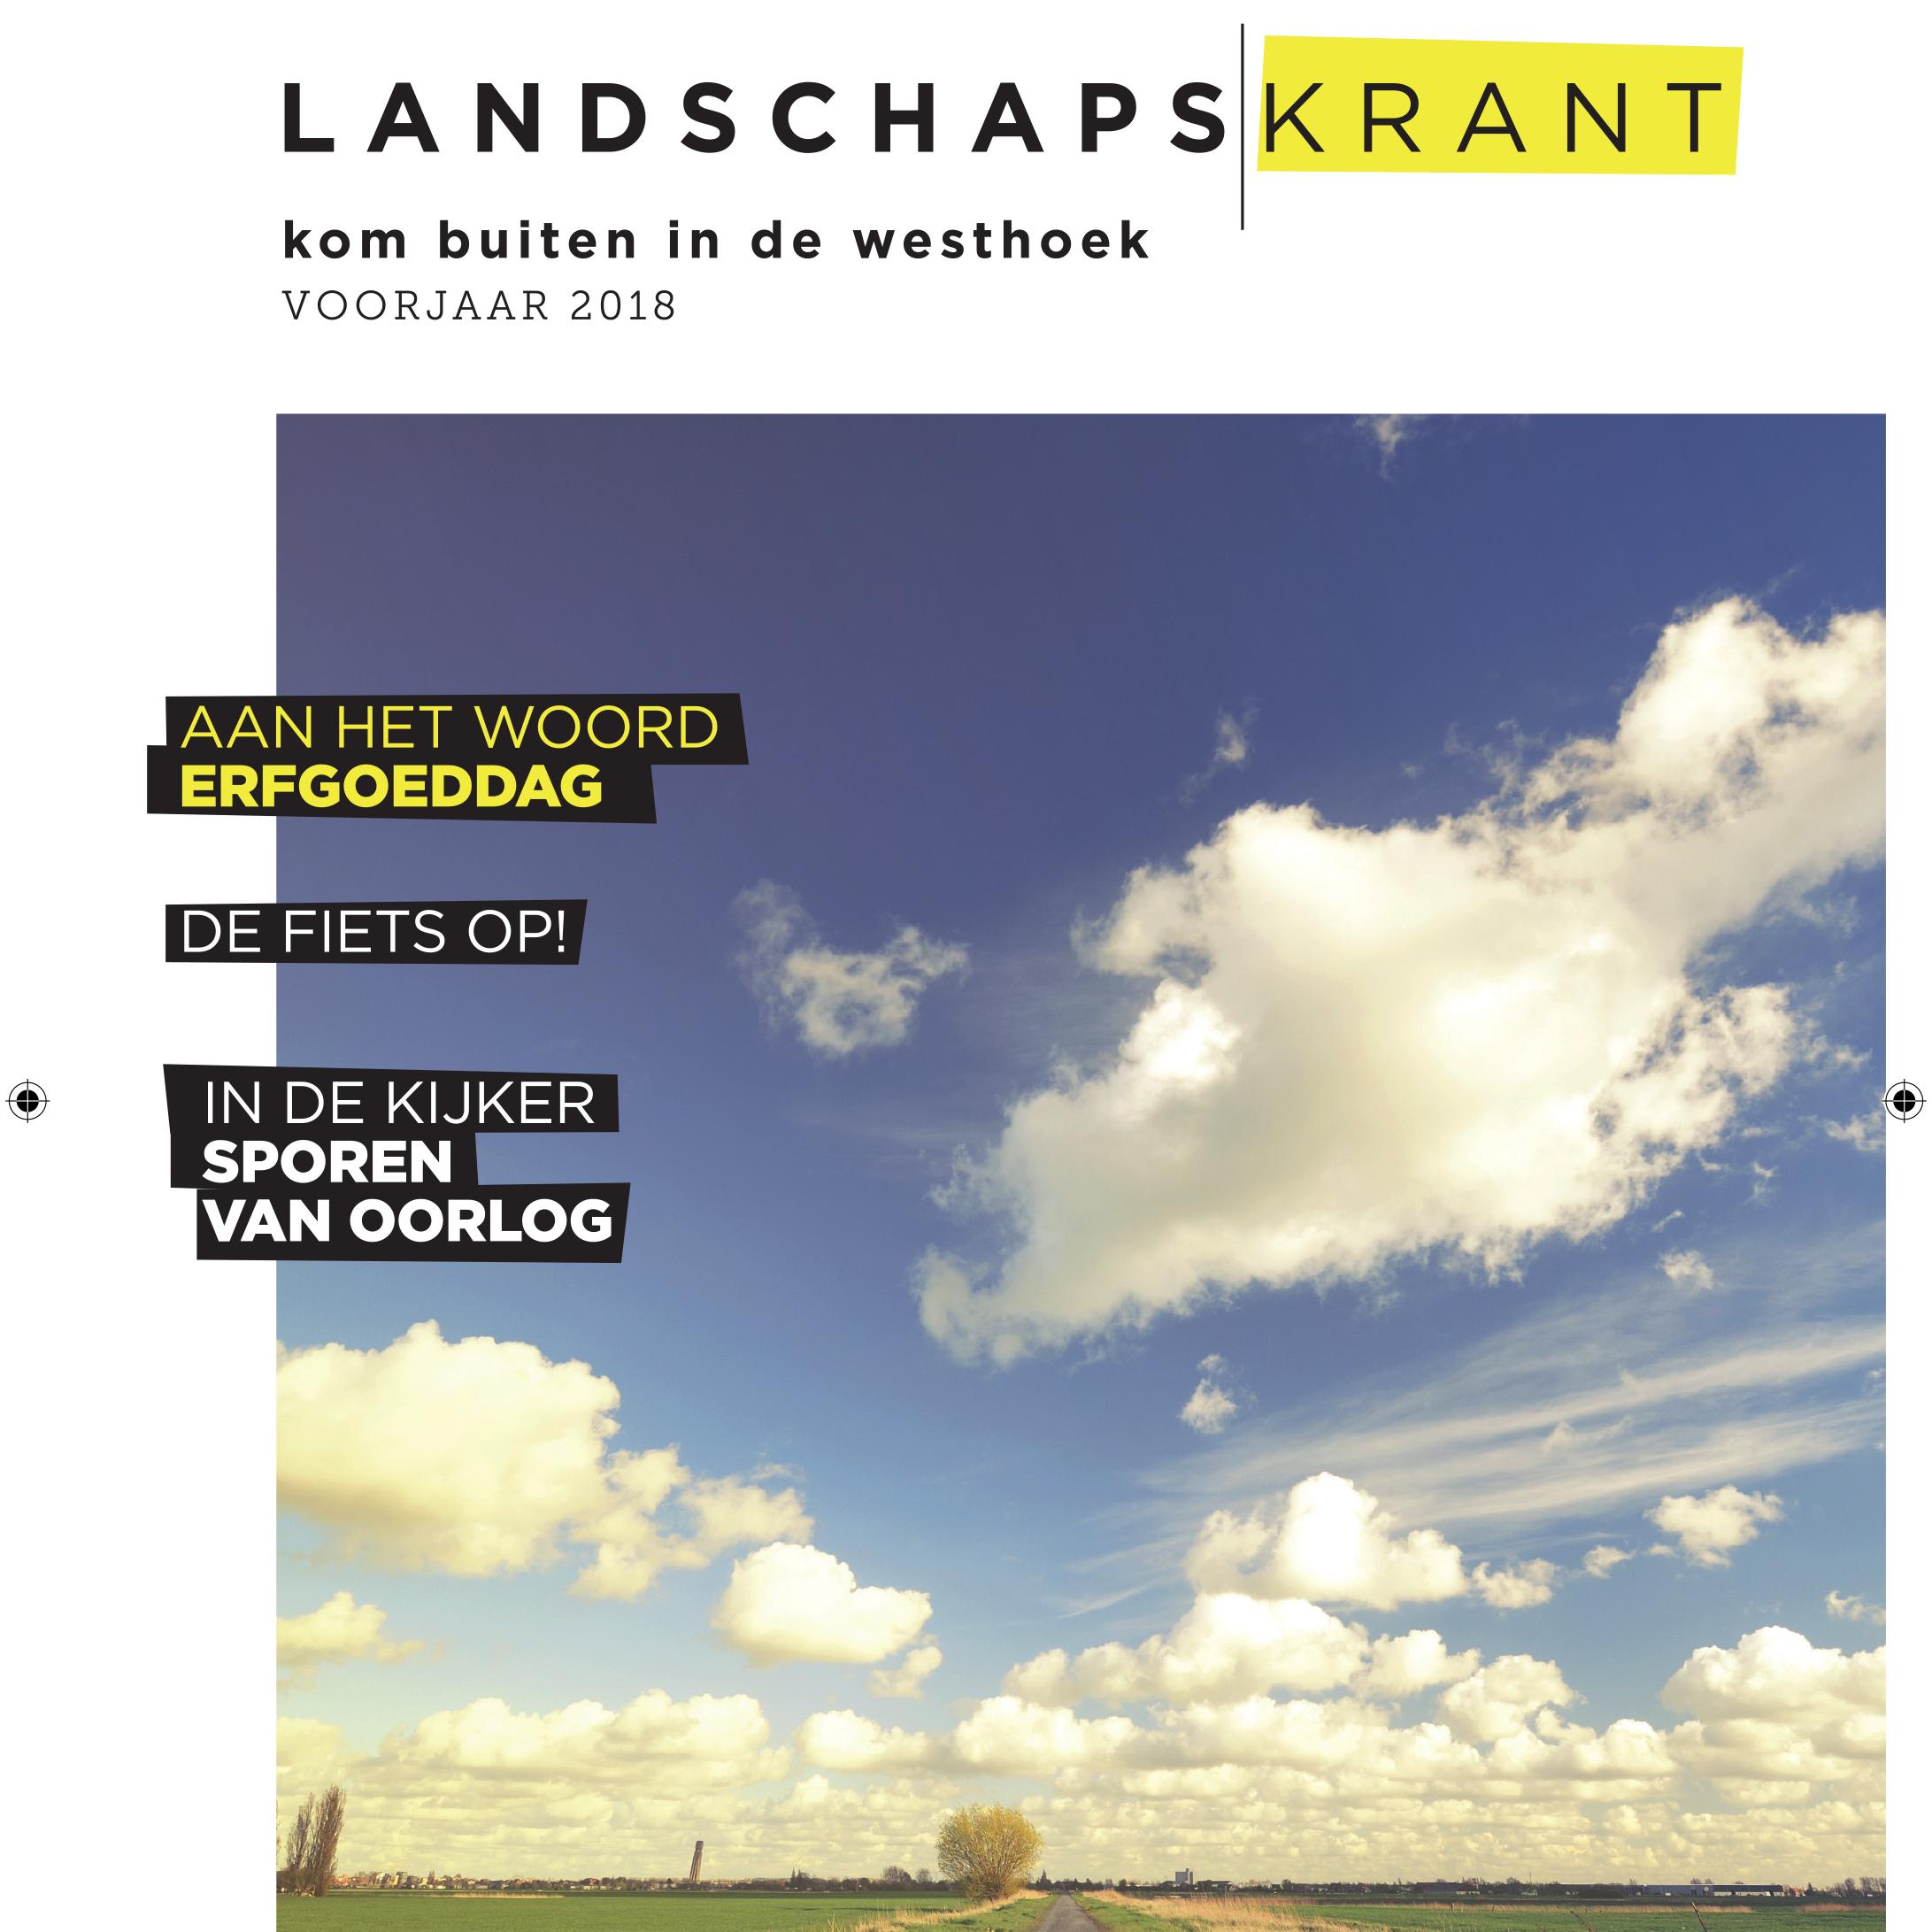 Landschapskrant voorjaar 2018